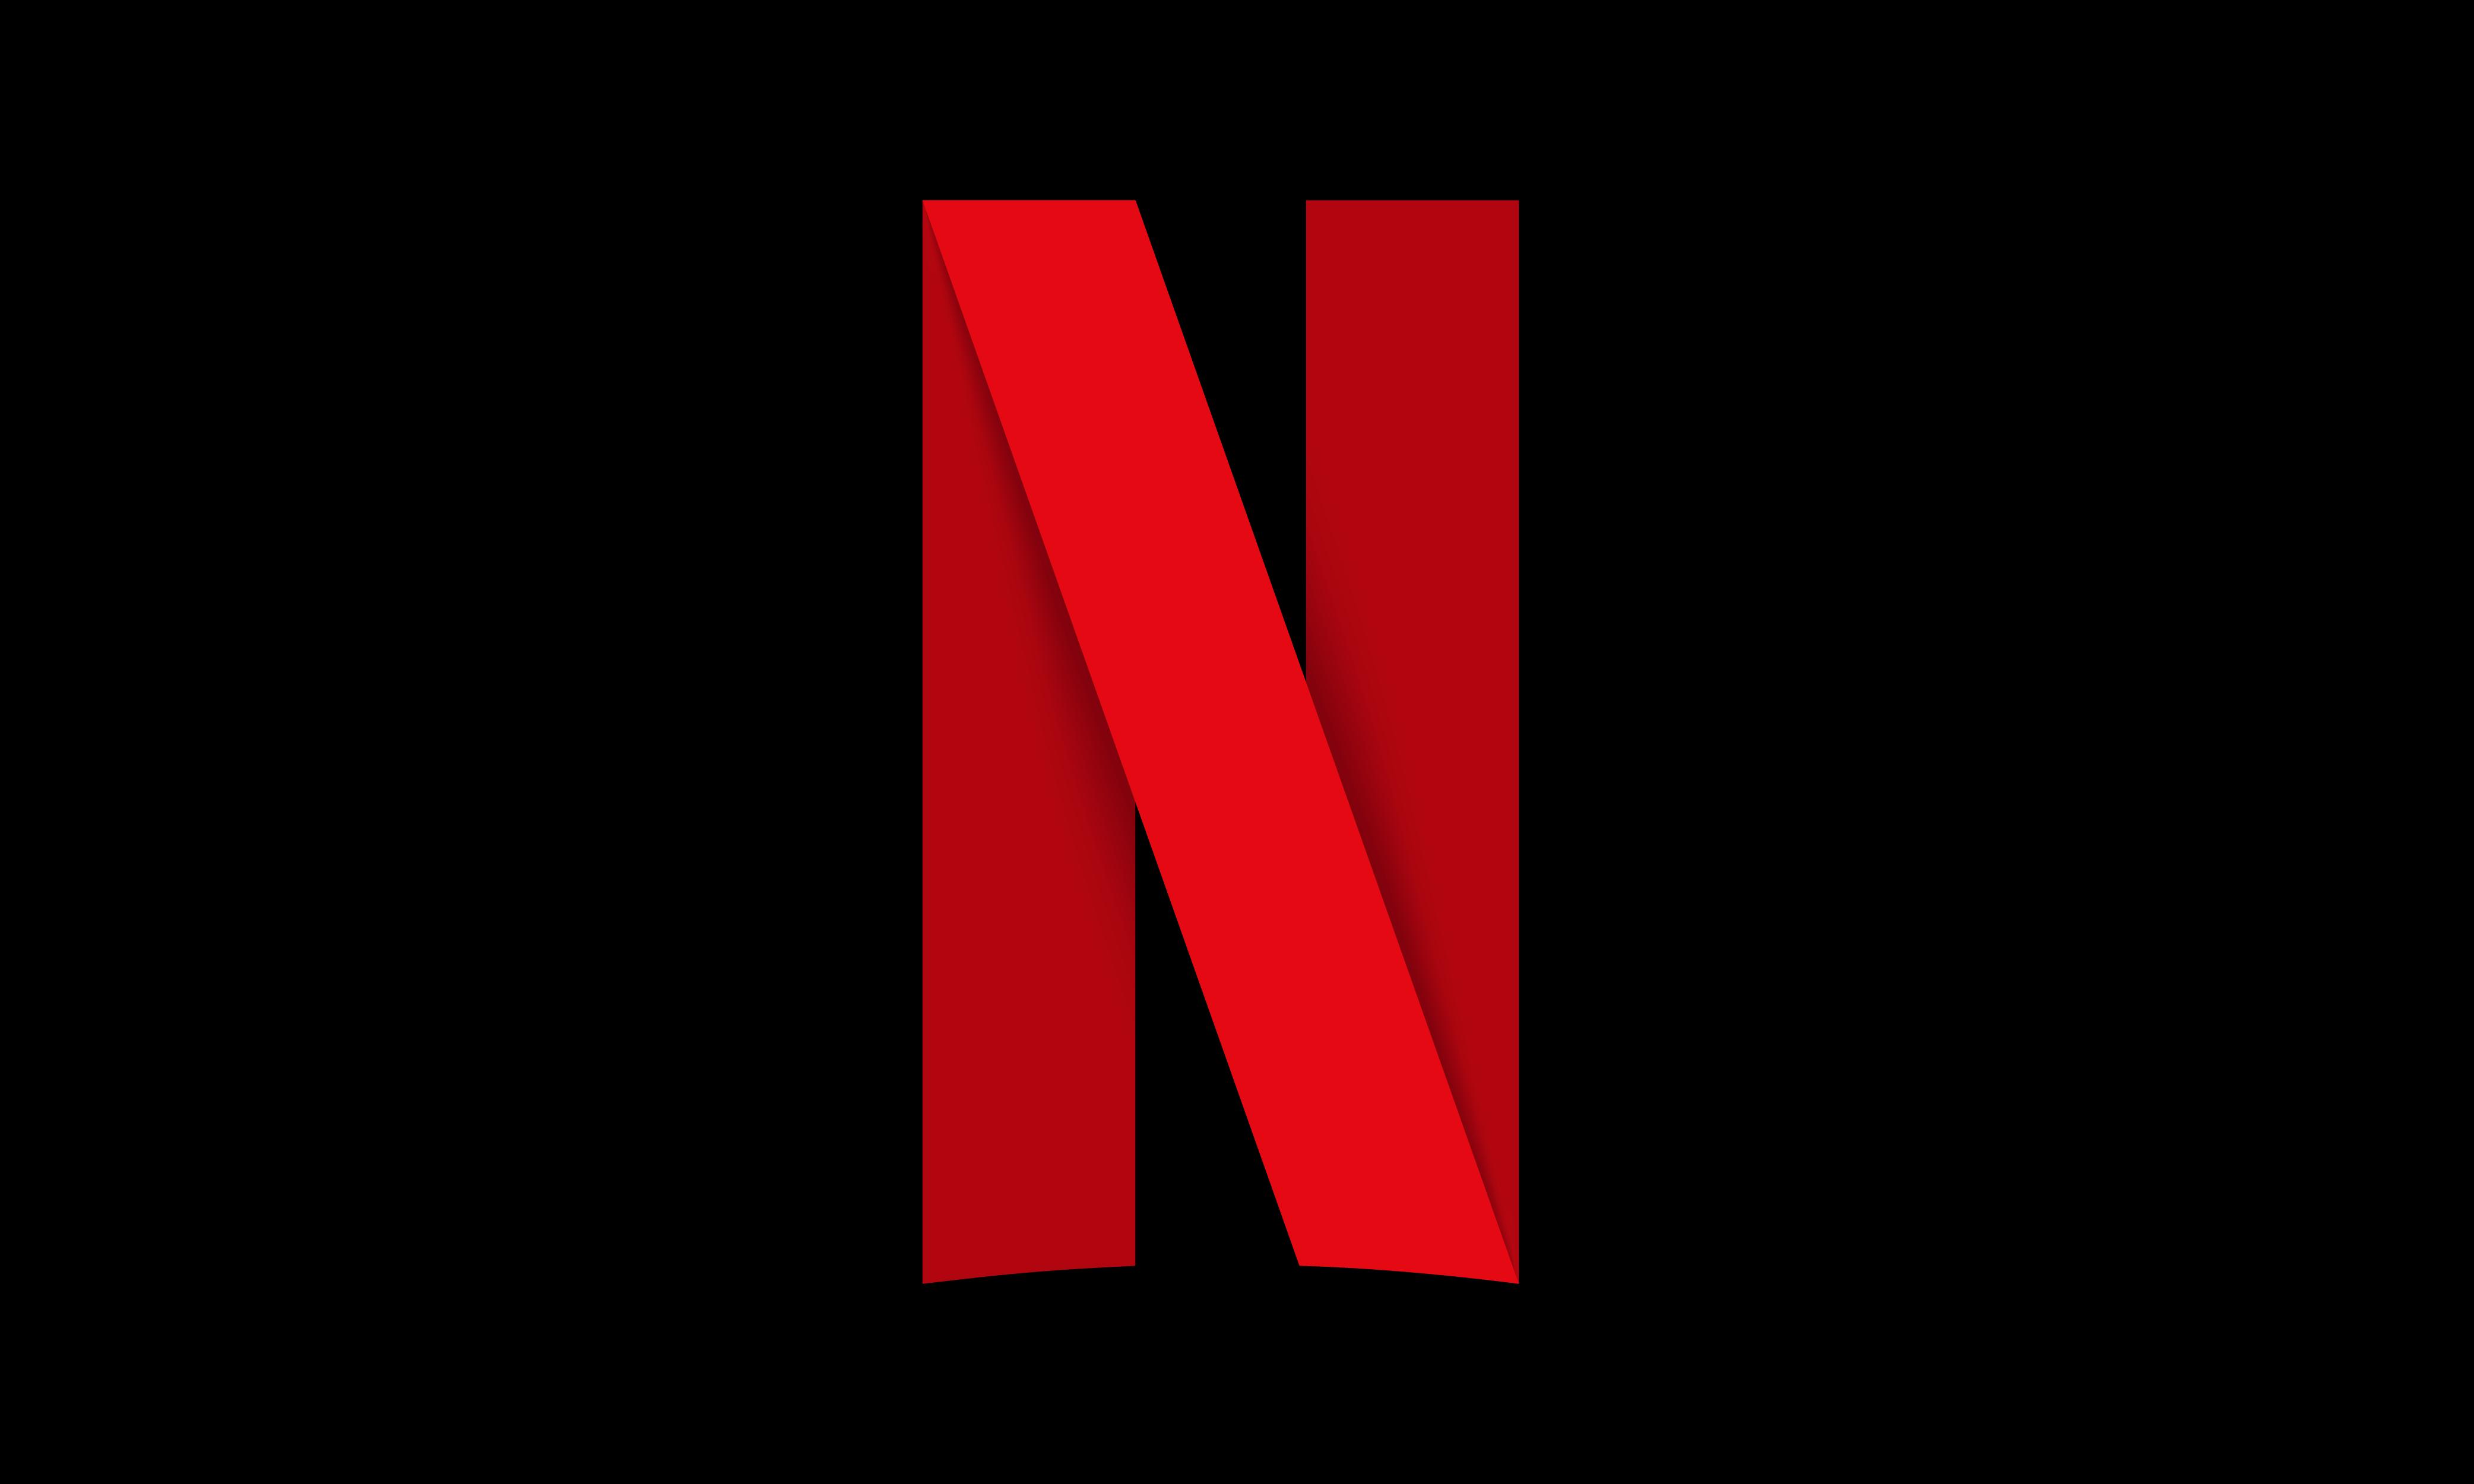 欧盟要求 Netflix 于未来 30 天内降低视频画质